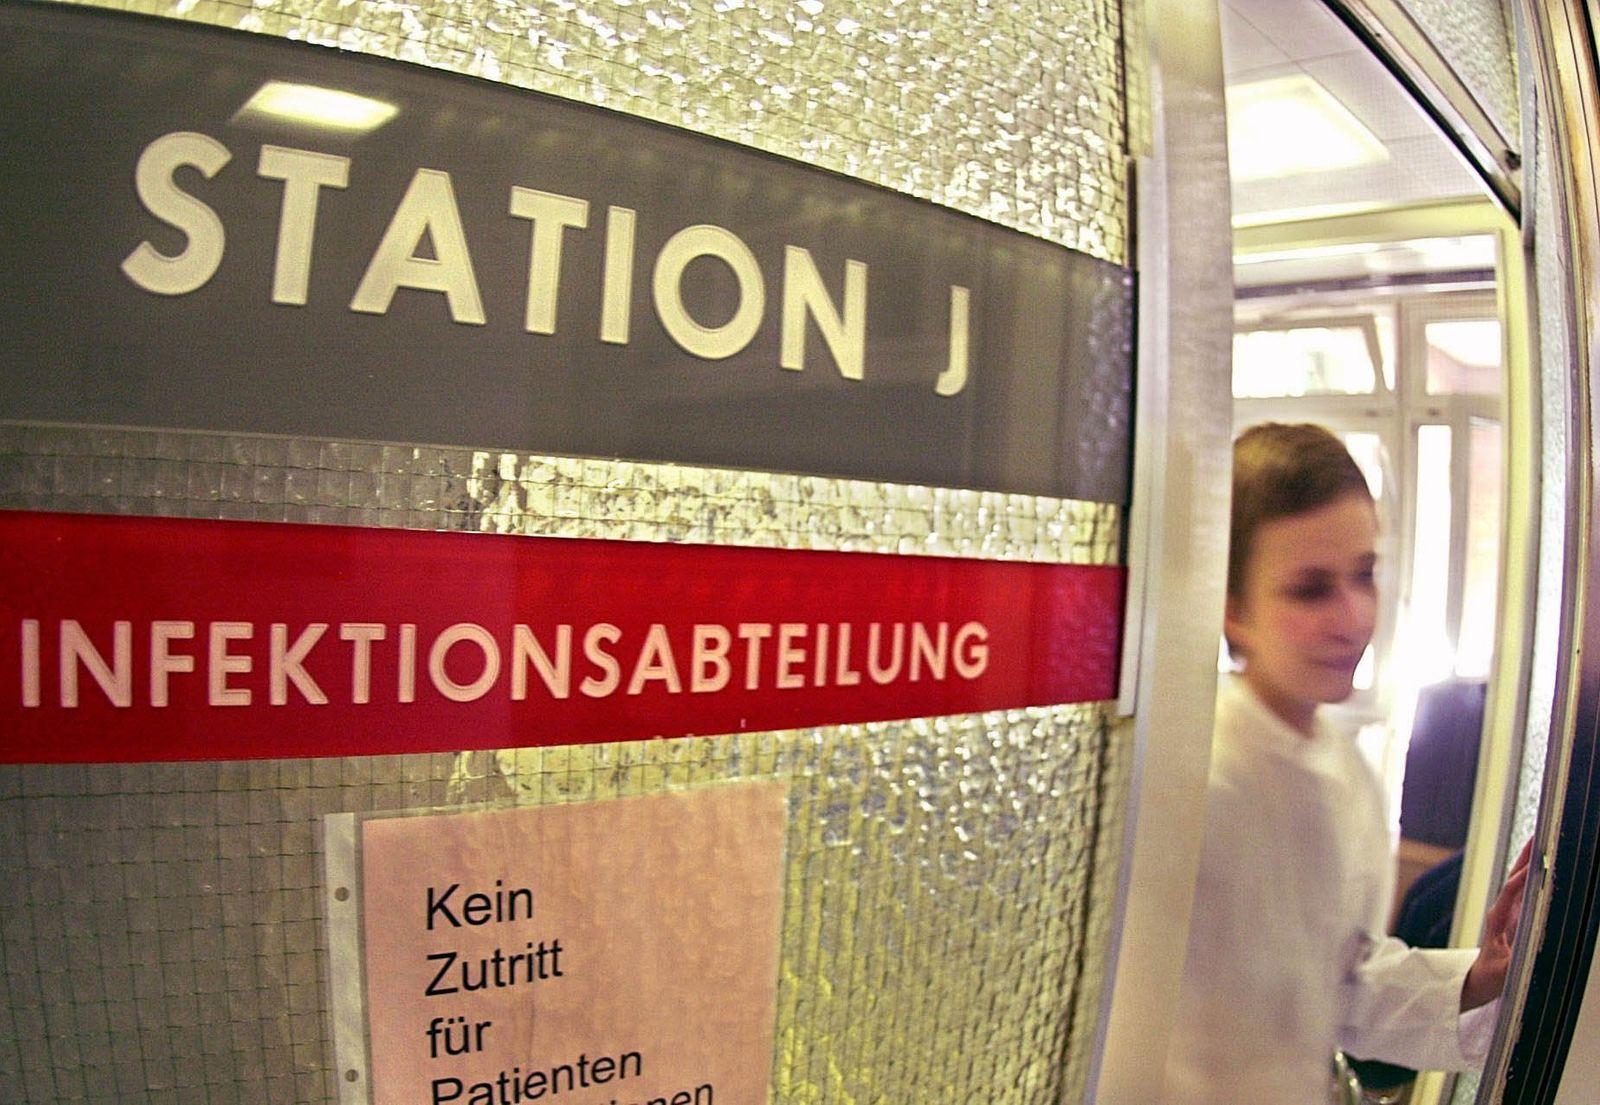 Verdachtsfall von SARS in Hamburg